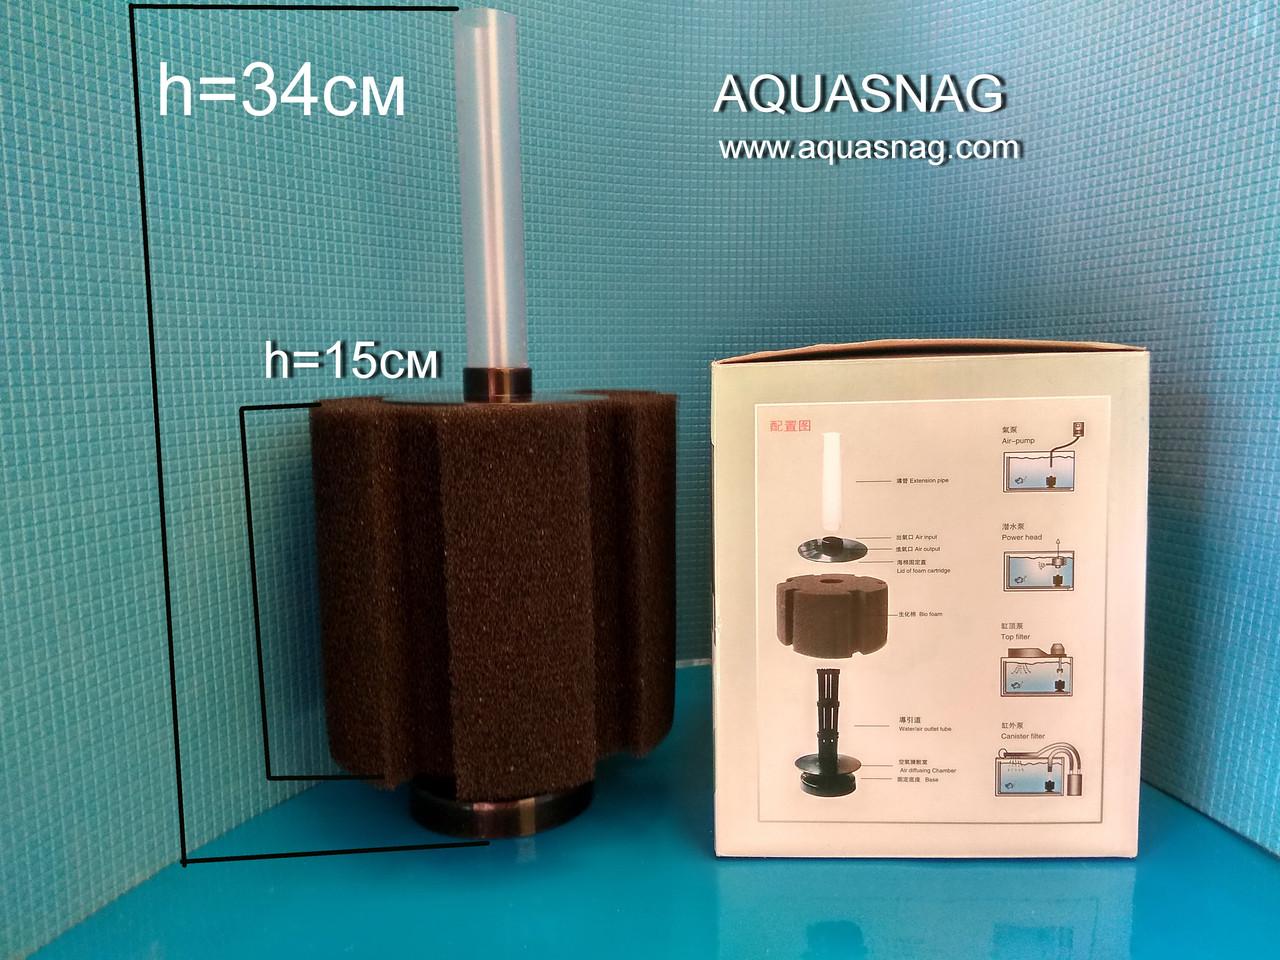 Фильтр для компрессора XY-2837  (аэрлифтный)